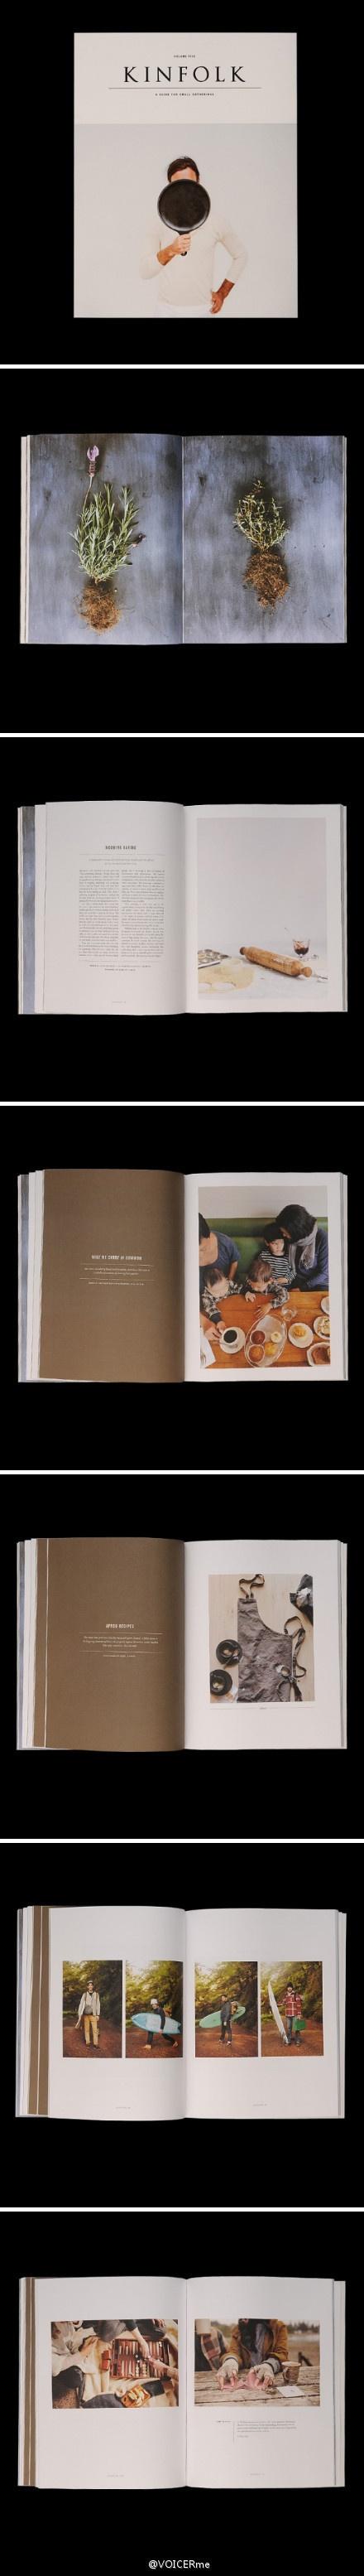 杂志|《Kinfolk》vol.5出炉,整个色调都变得秋天起来。秋高气爽的日子里,最舒服的事情,莫过于与好友奔赴自然的怀抱,然后一起为亲手制作的美味佳肴干杯!